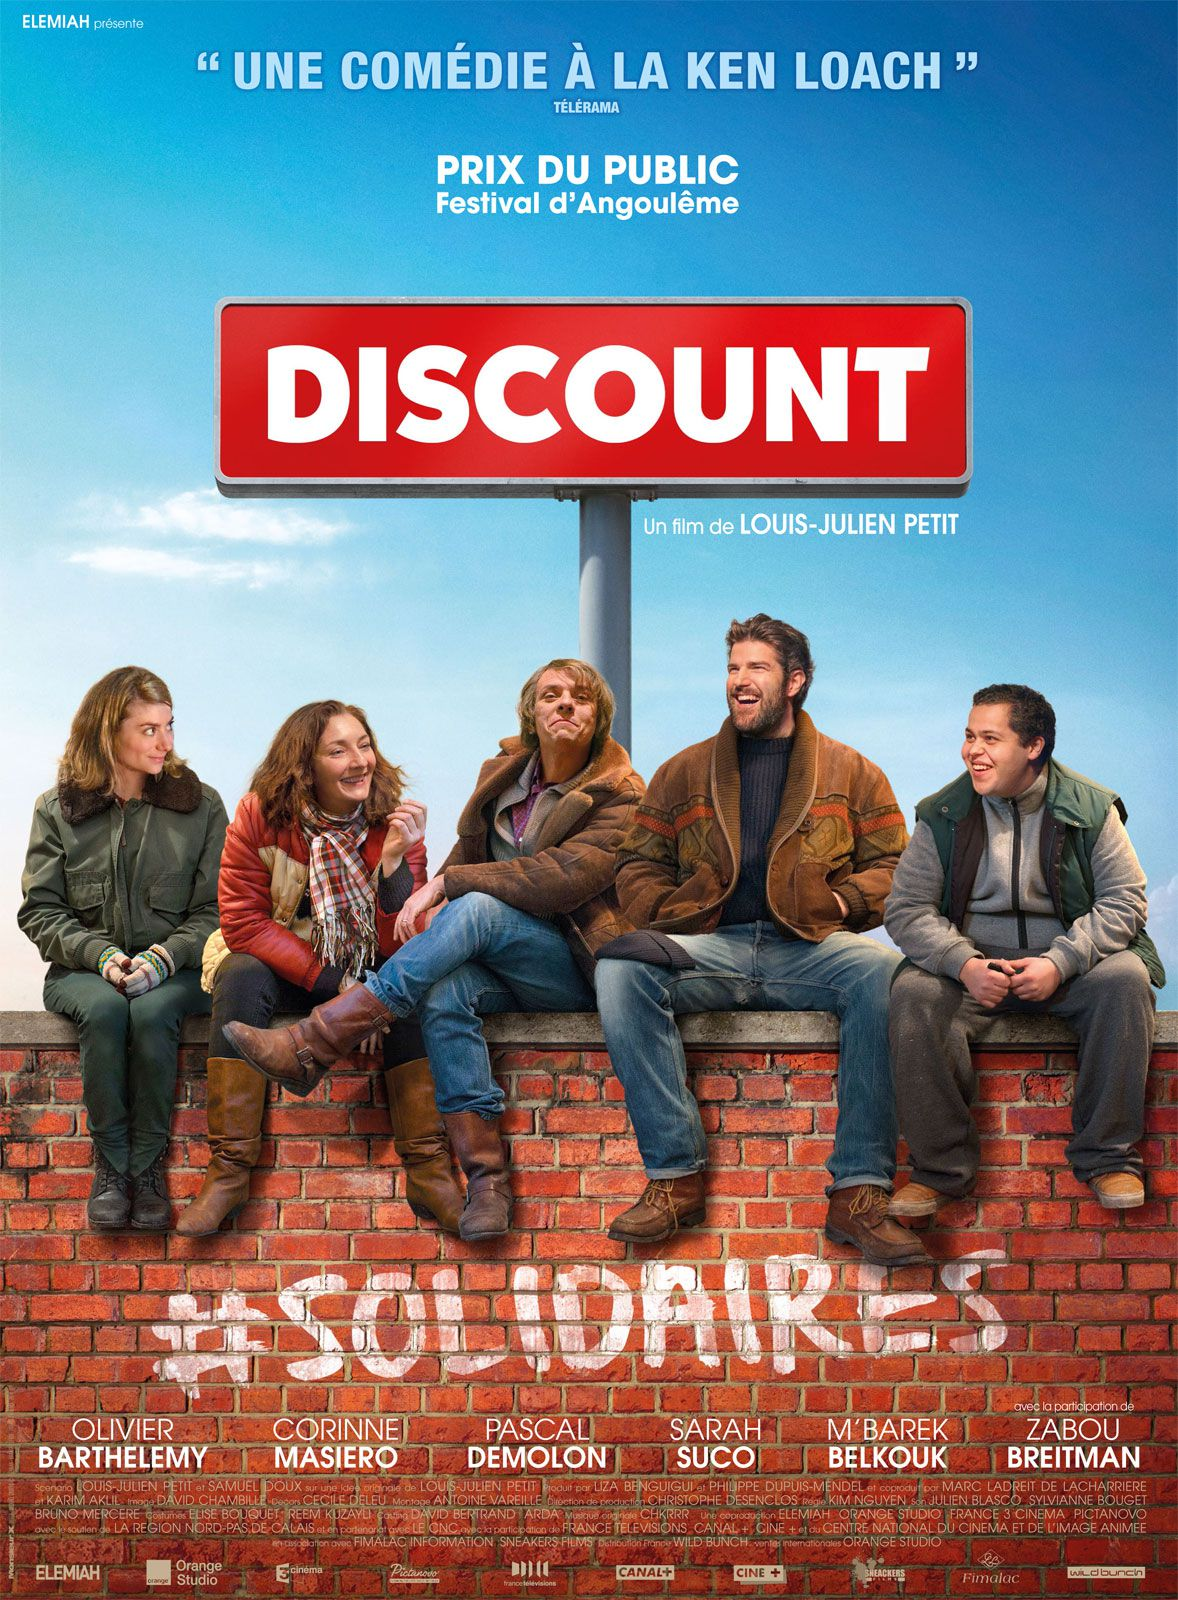 Discount - Film (2015)